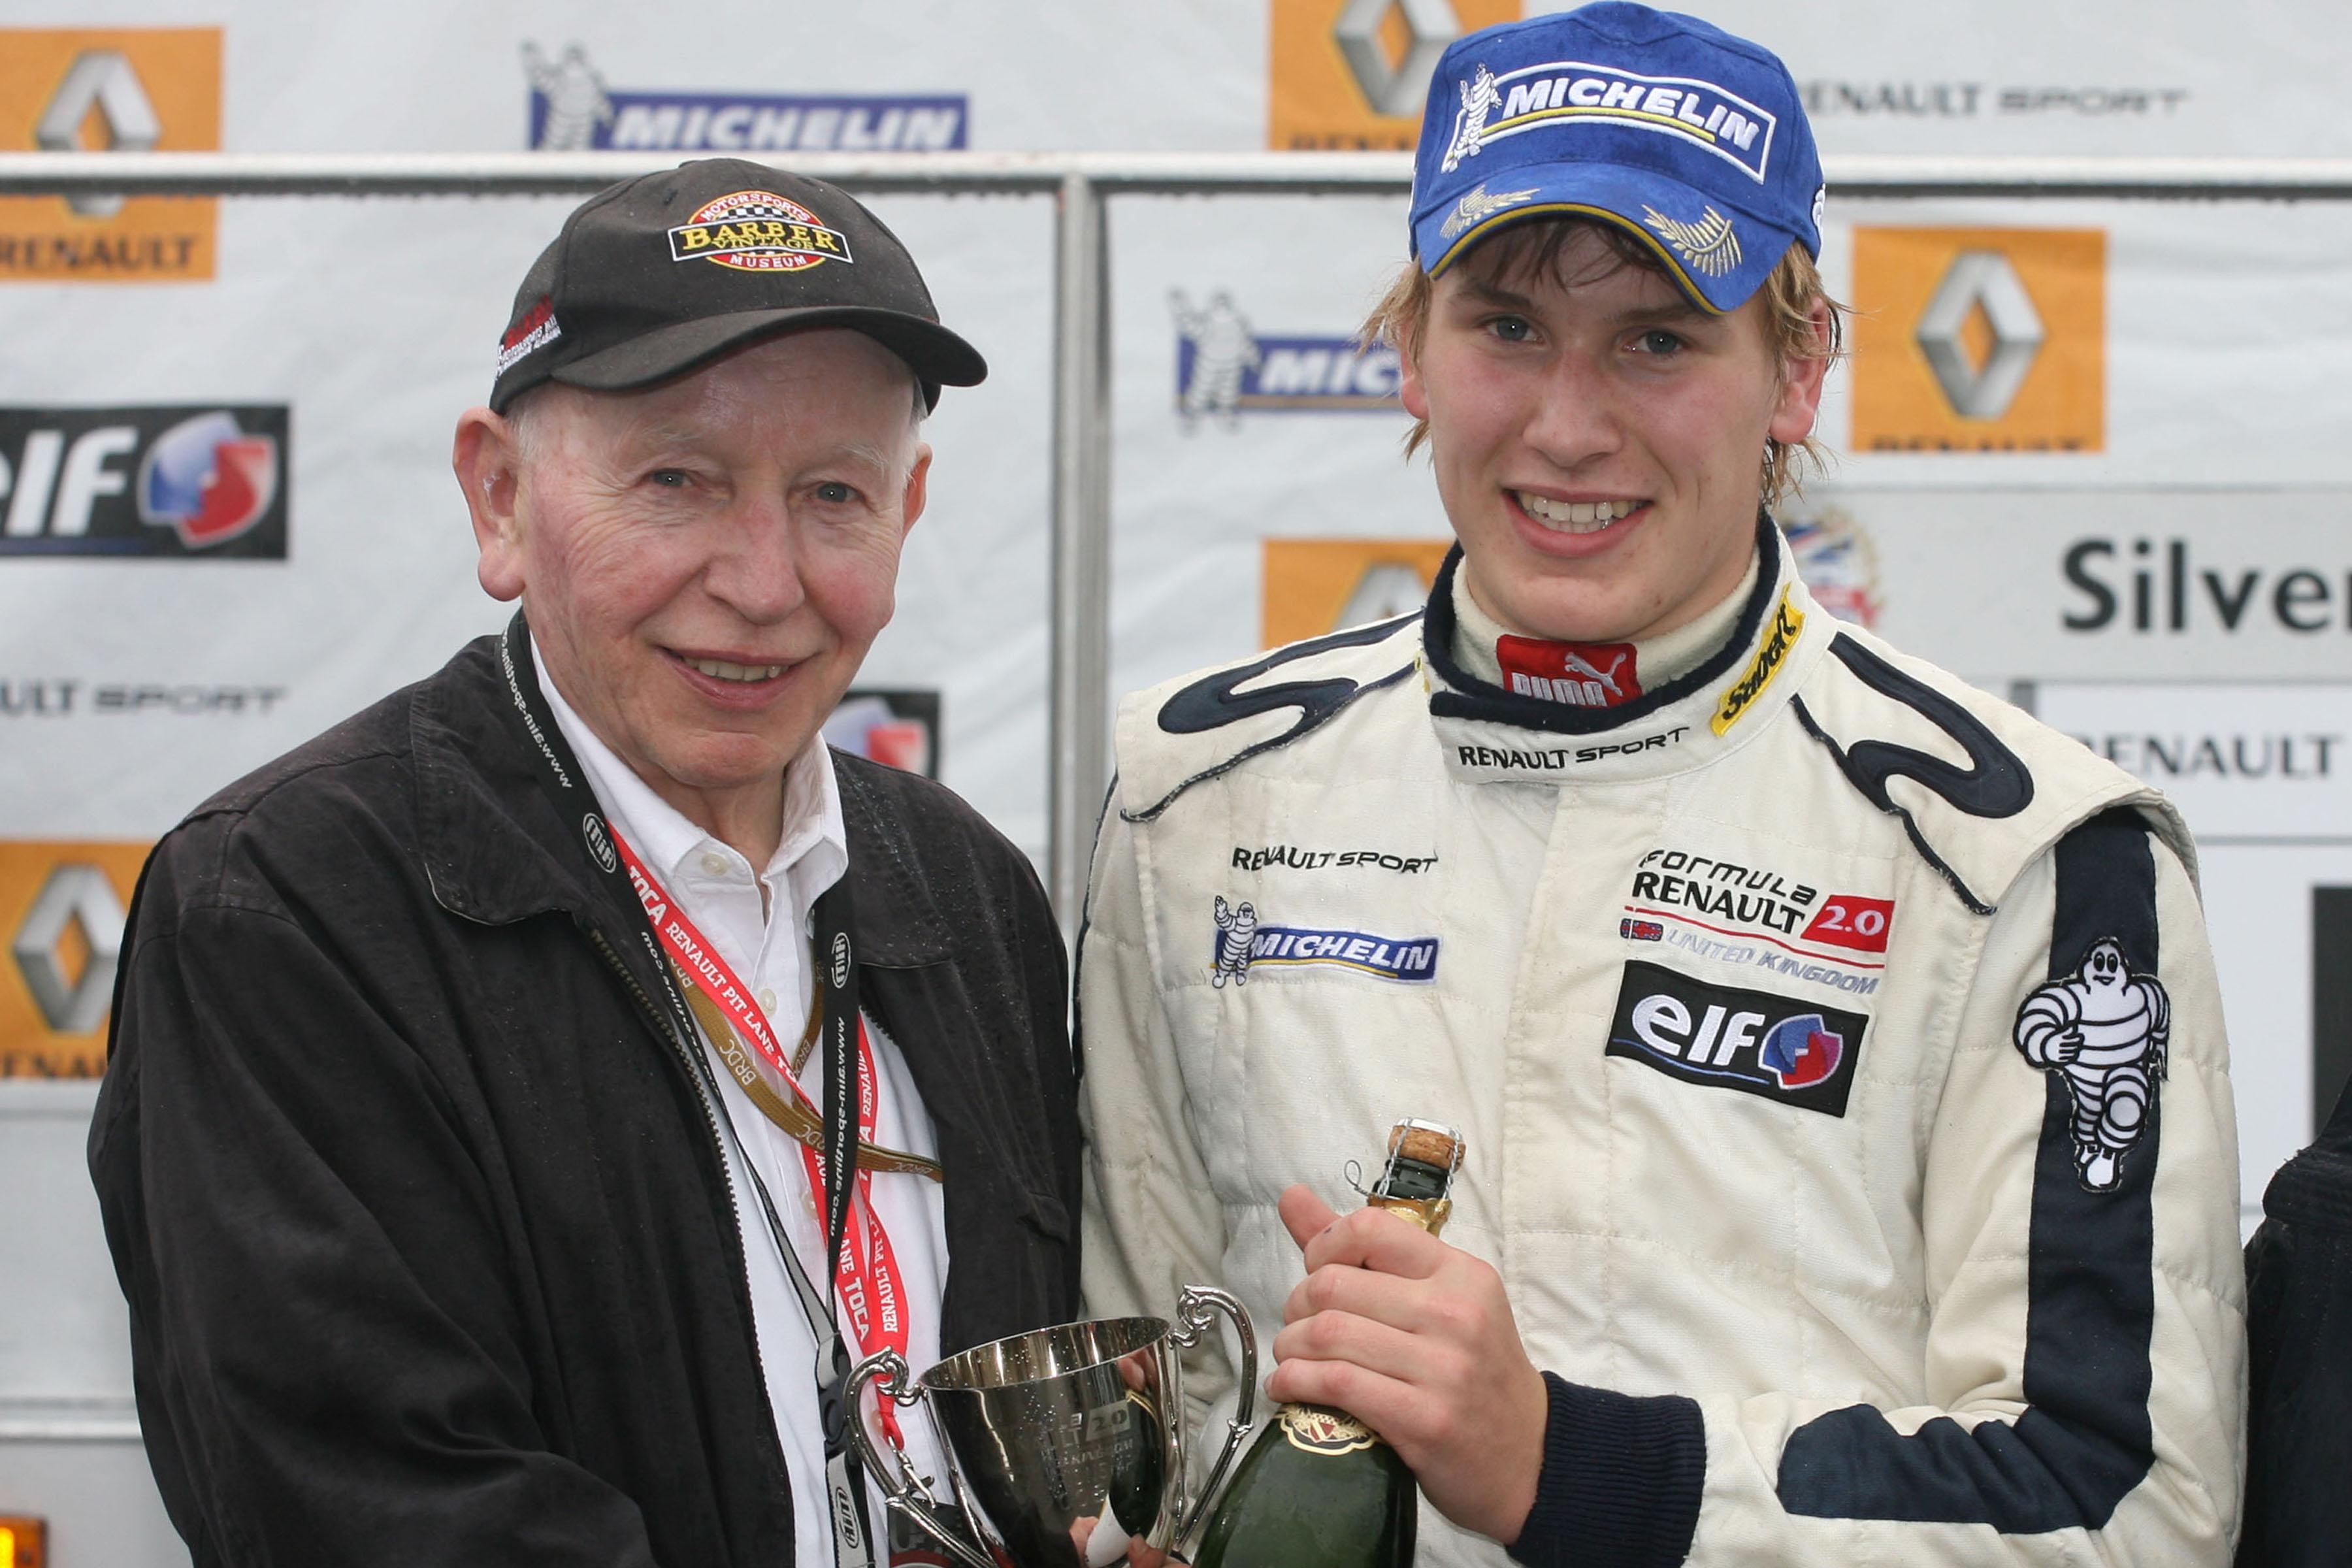 Gara di F2: è morto Henry Surtees, il figlio di John